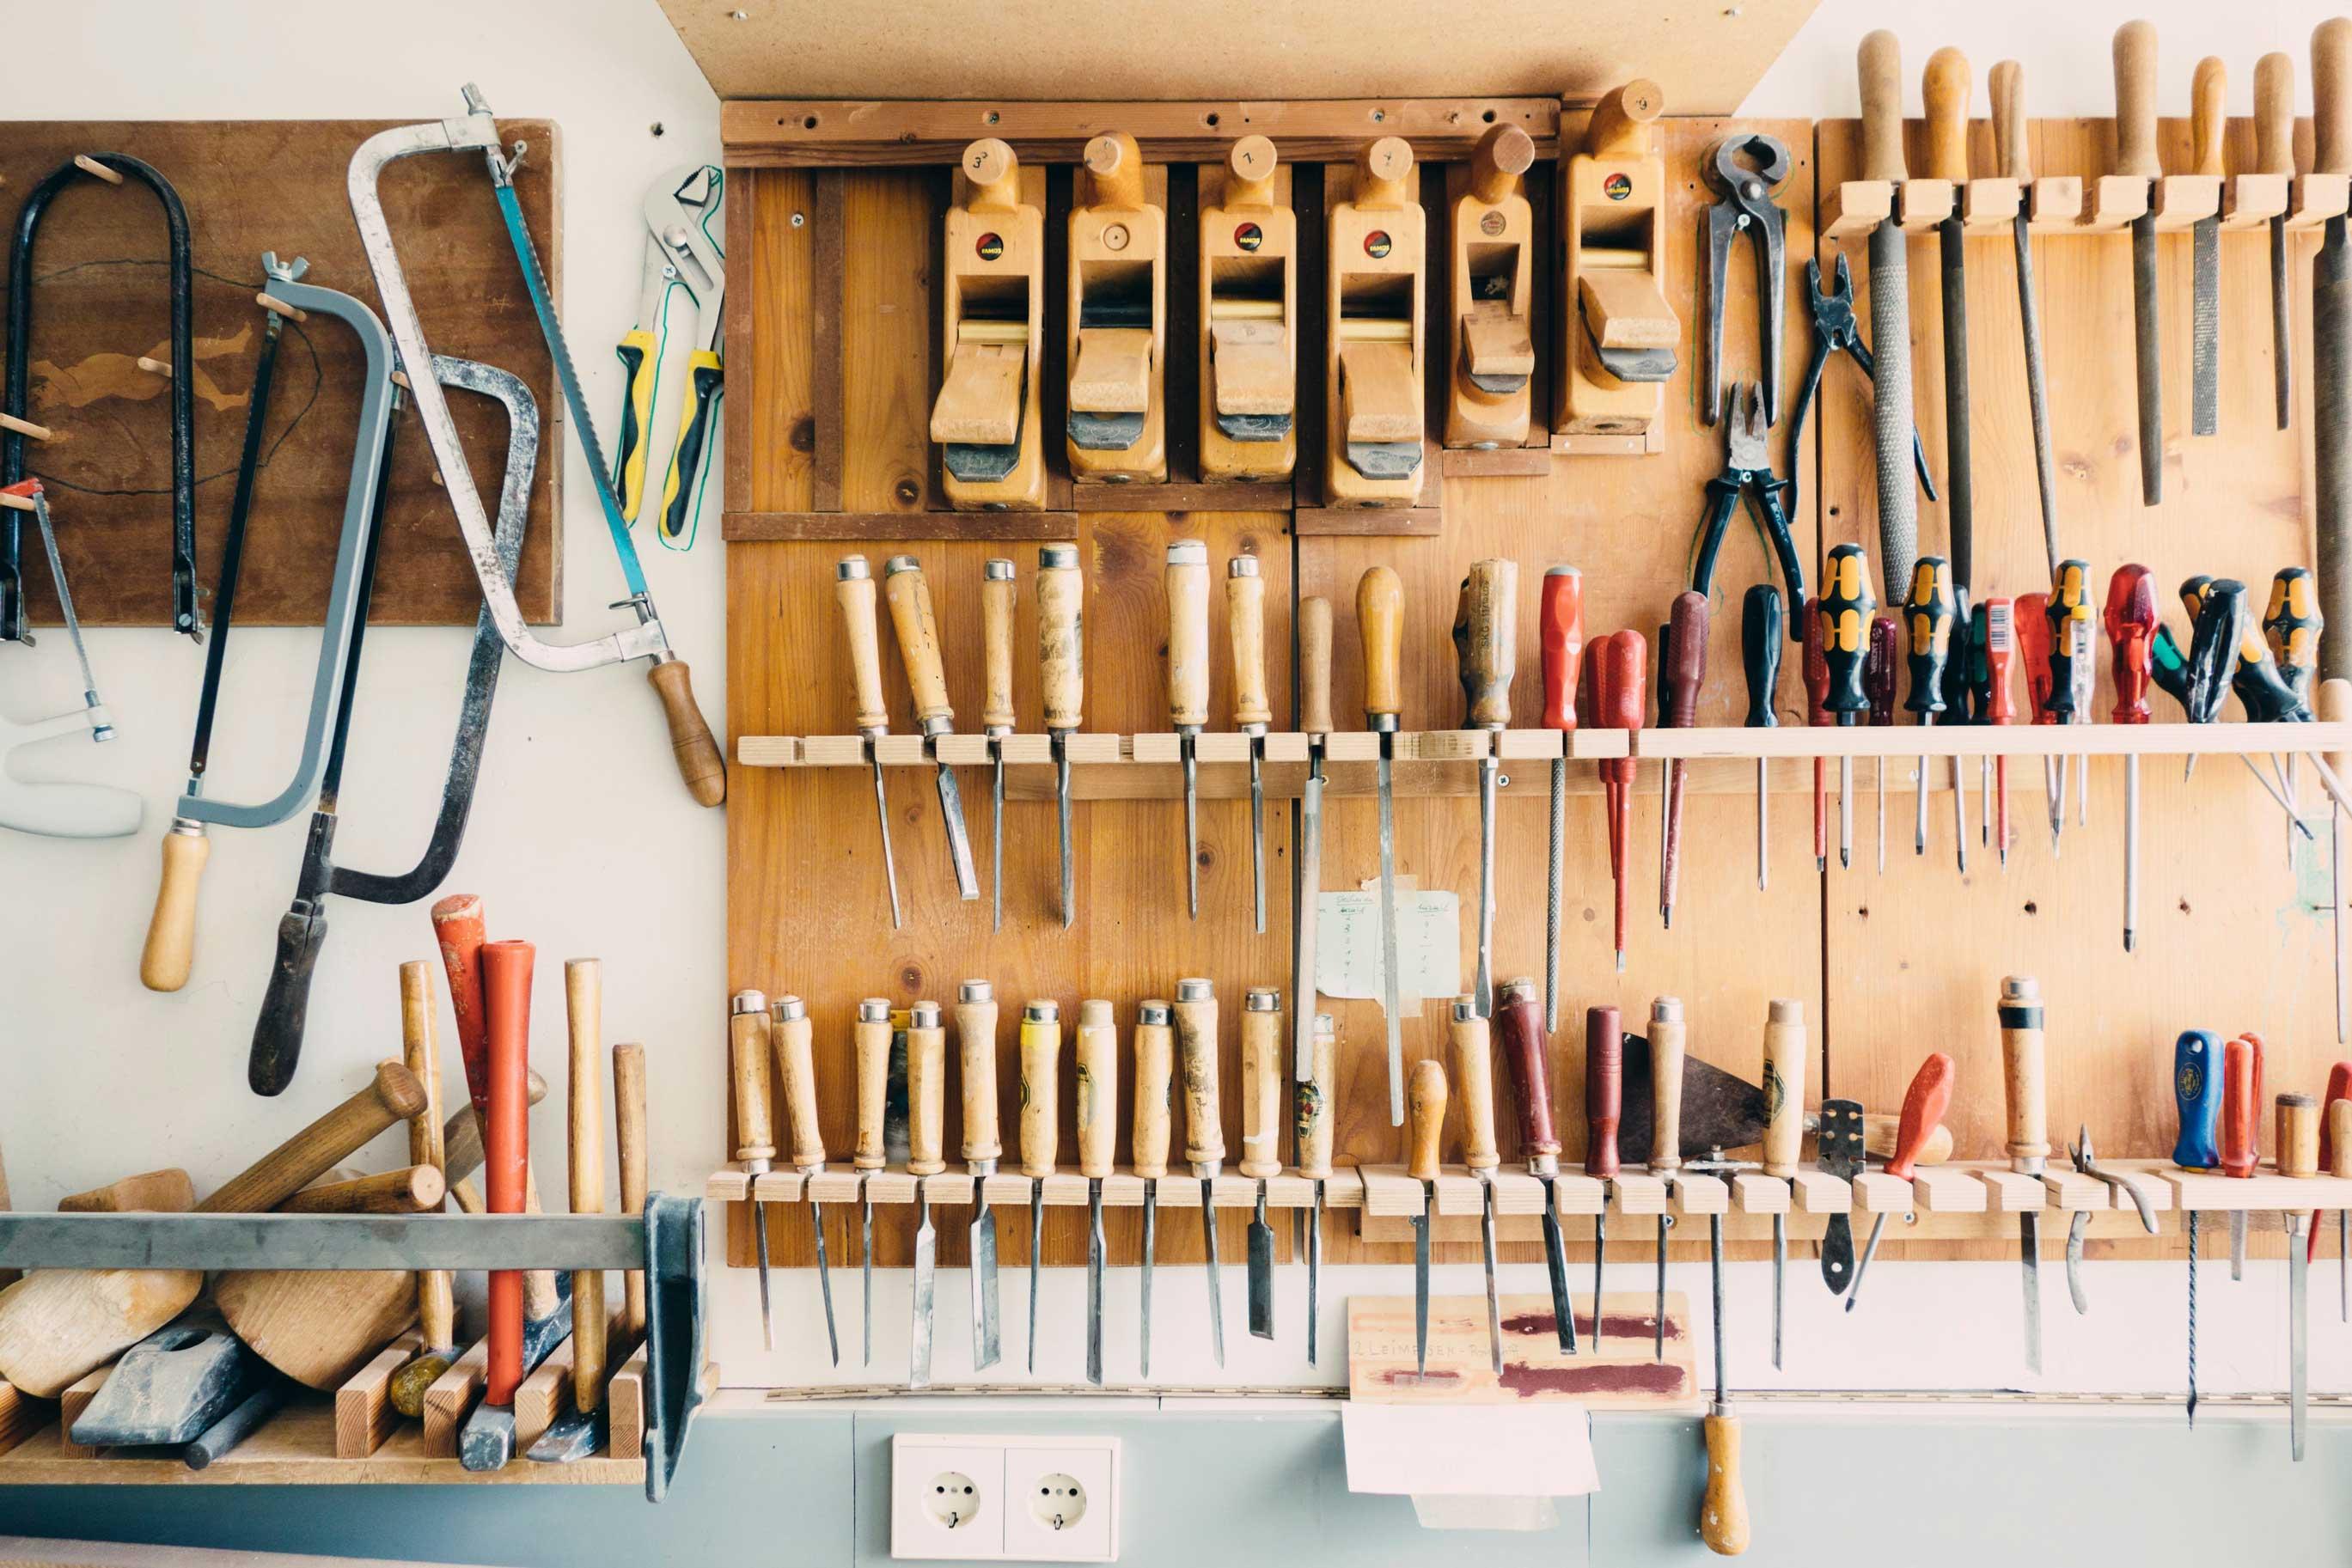 team building activities woodworking